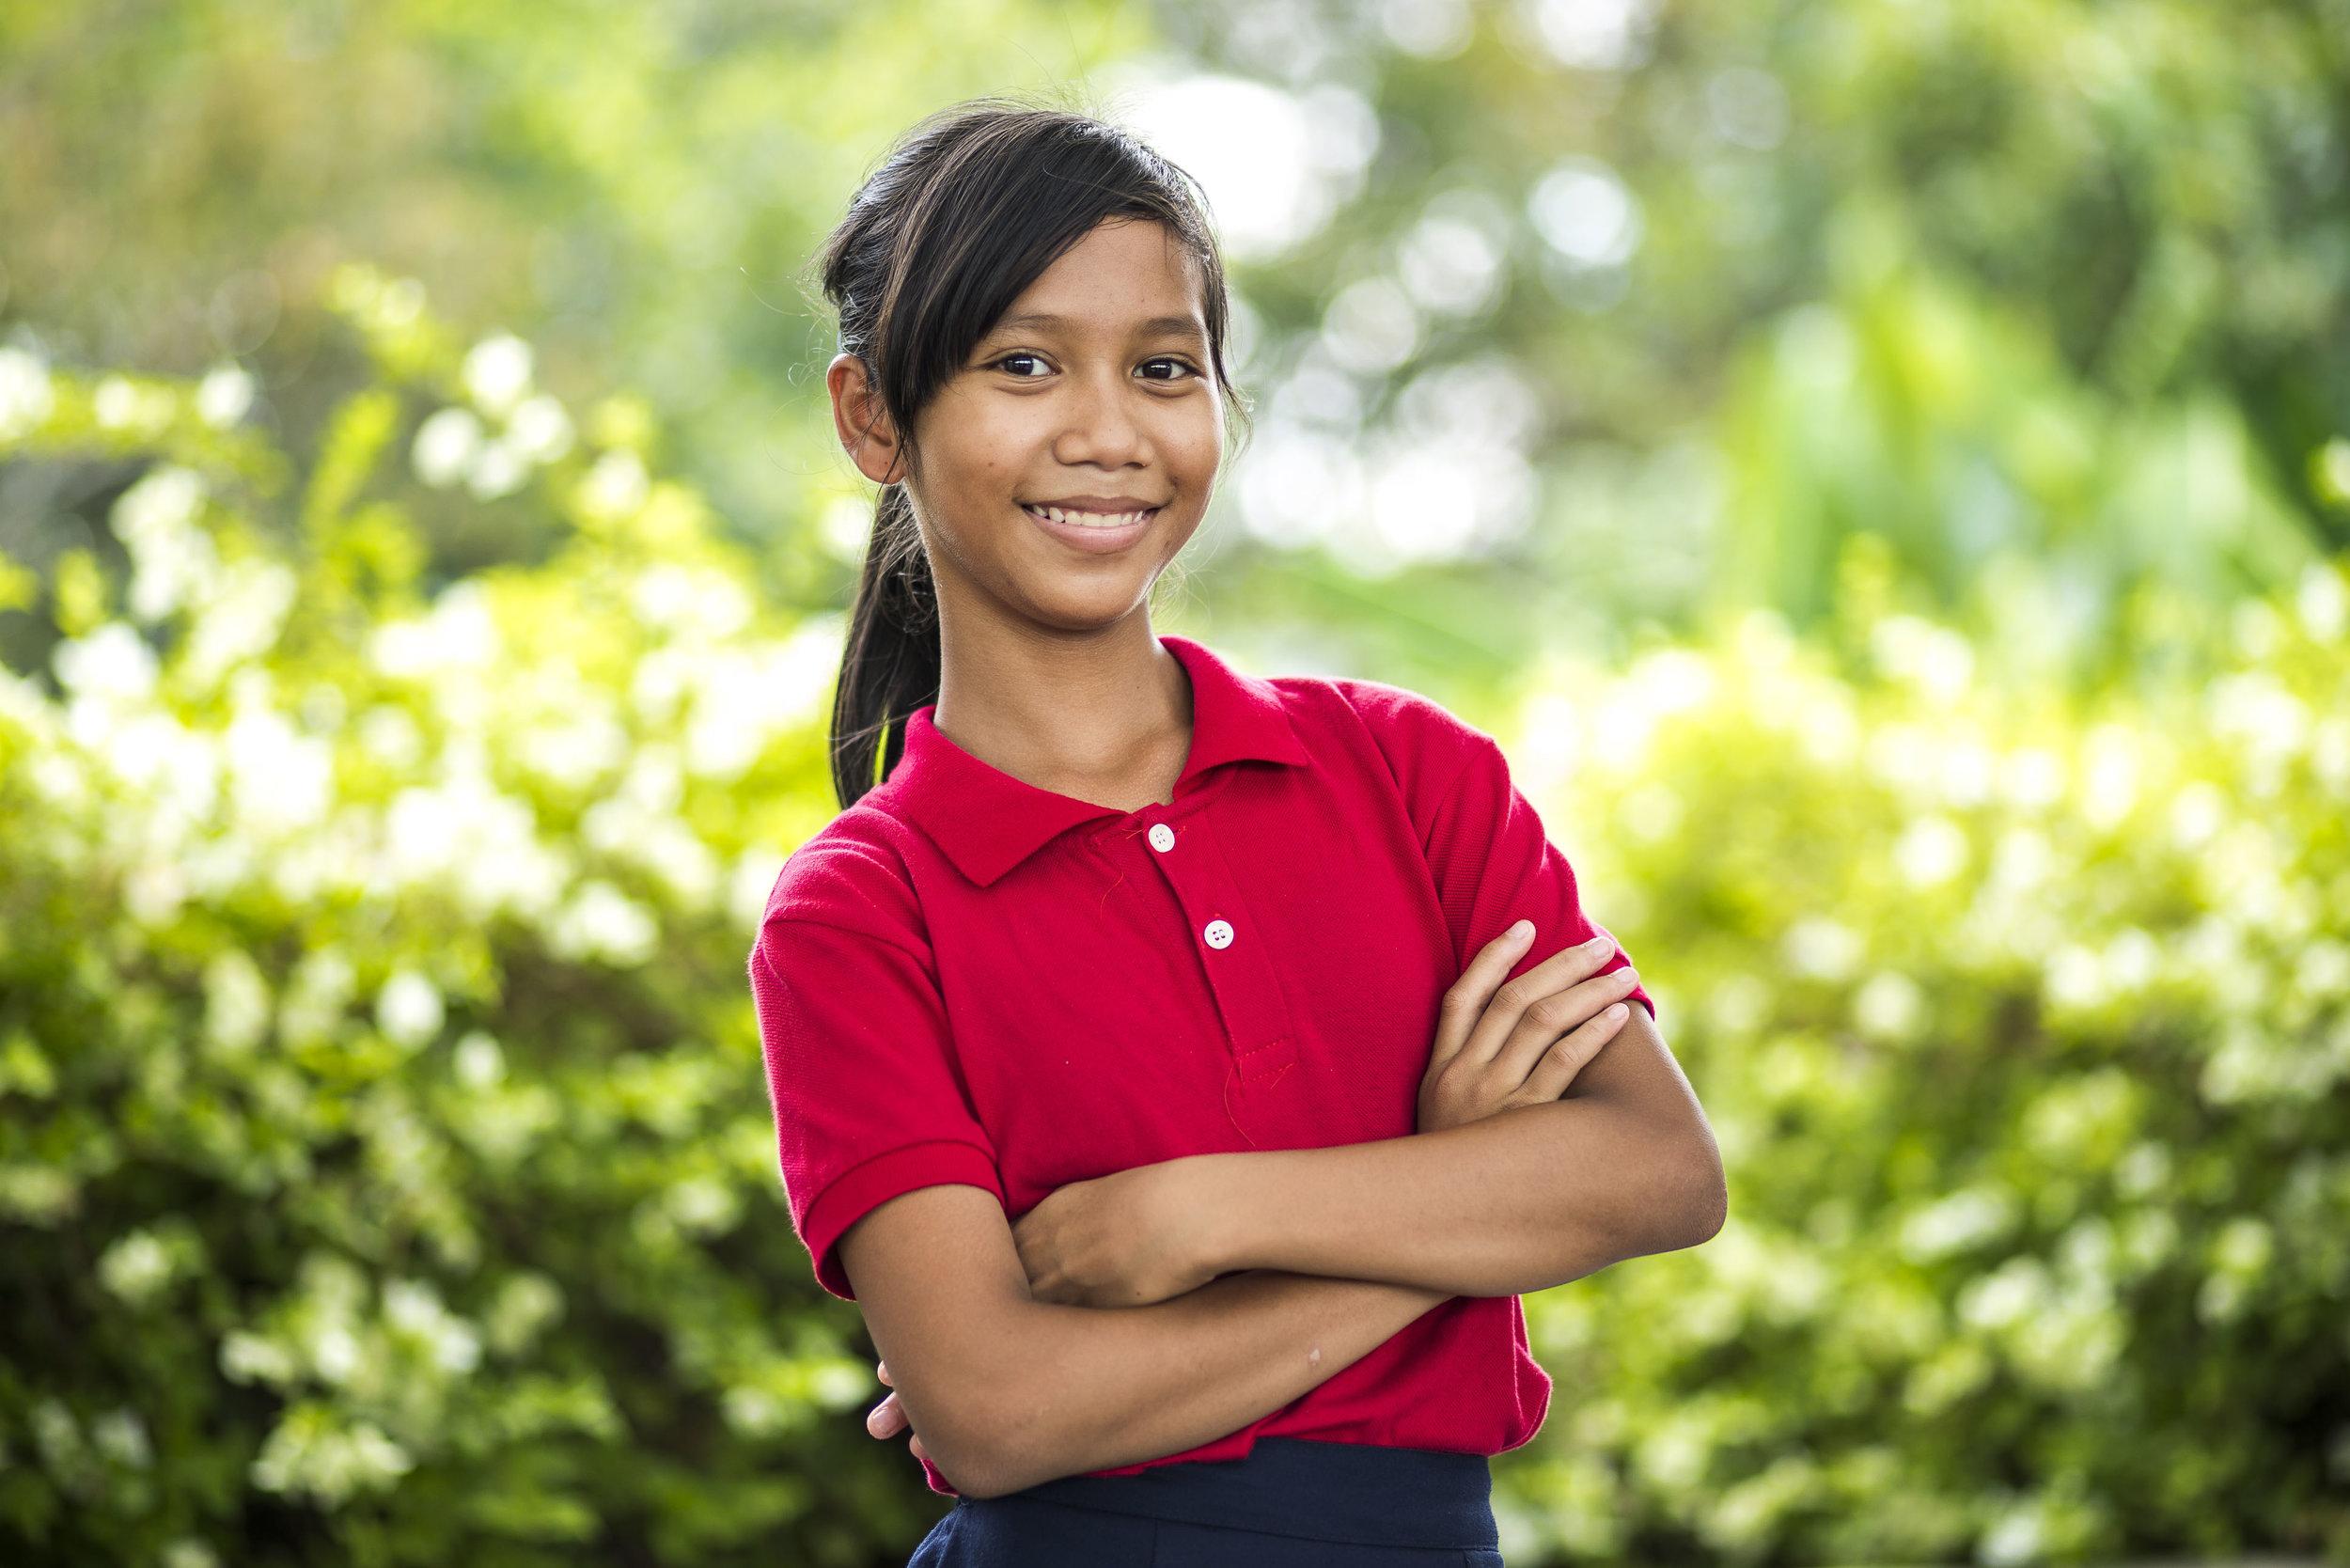 liger-portrait-khmer-student-01.jpg